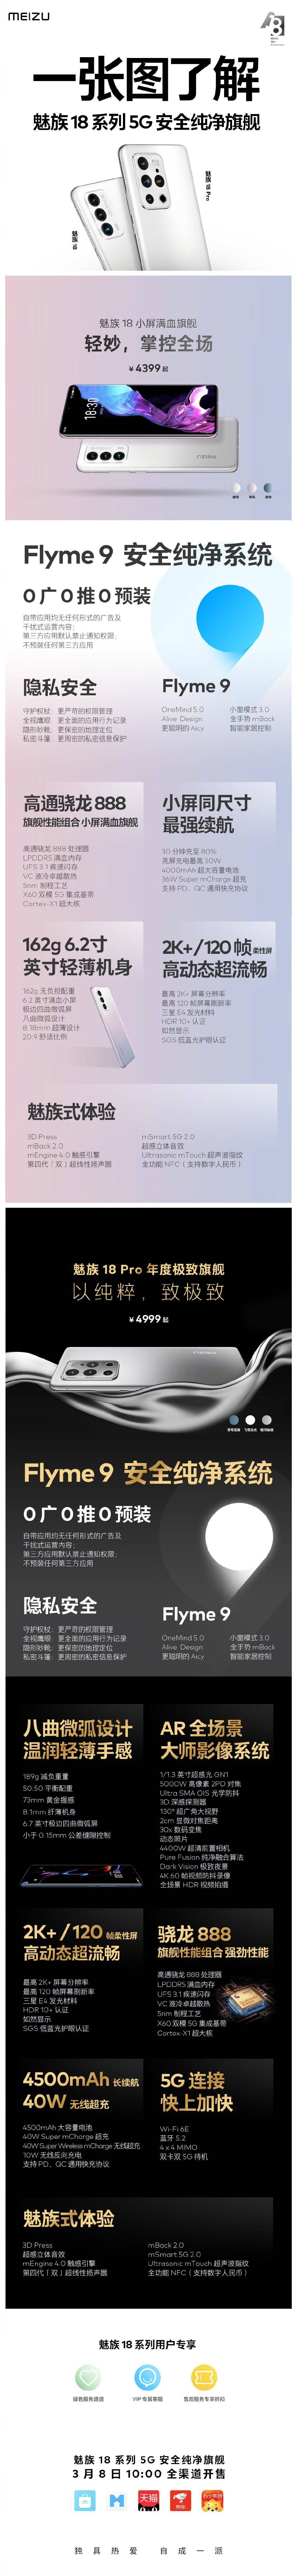 魅族工程师:魅族 18 系列硬件不支持同时开启 2K 和 120Hz